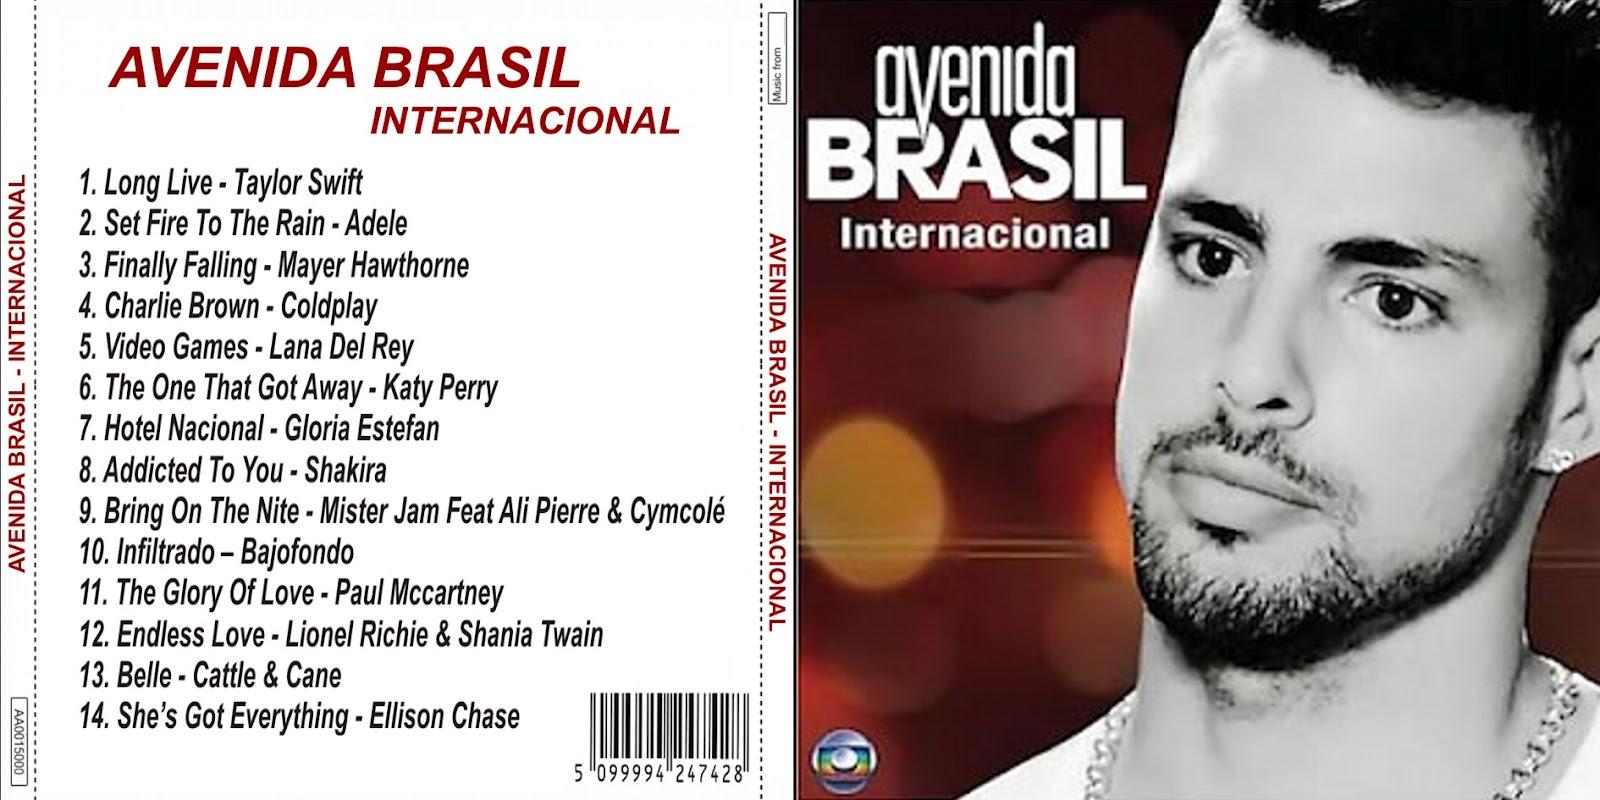 CD AVENIDA BRASIL - INTERNACIONAL (NÃO OFICIAL) (2012)